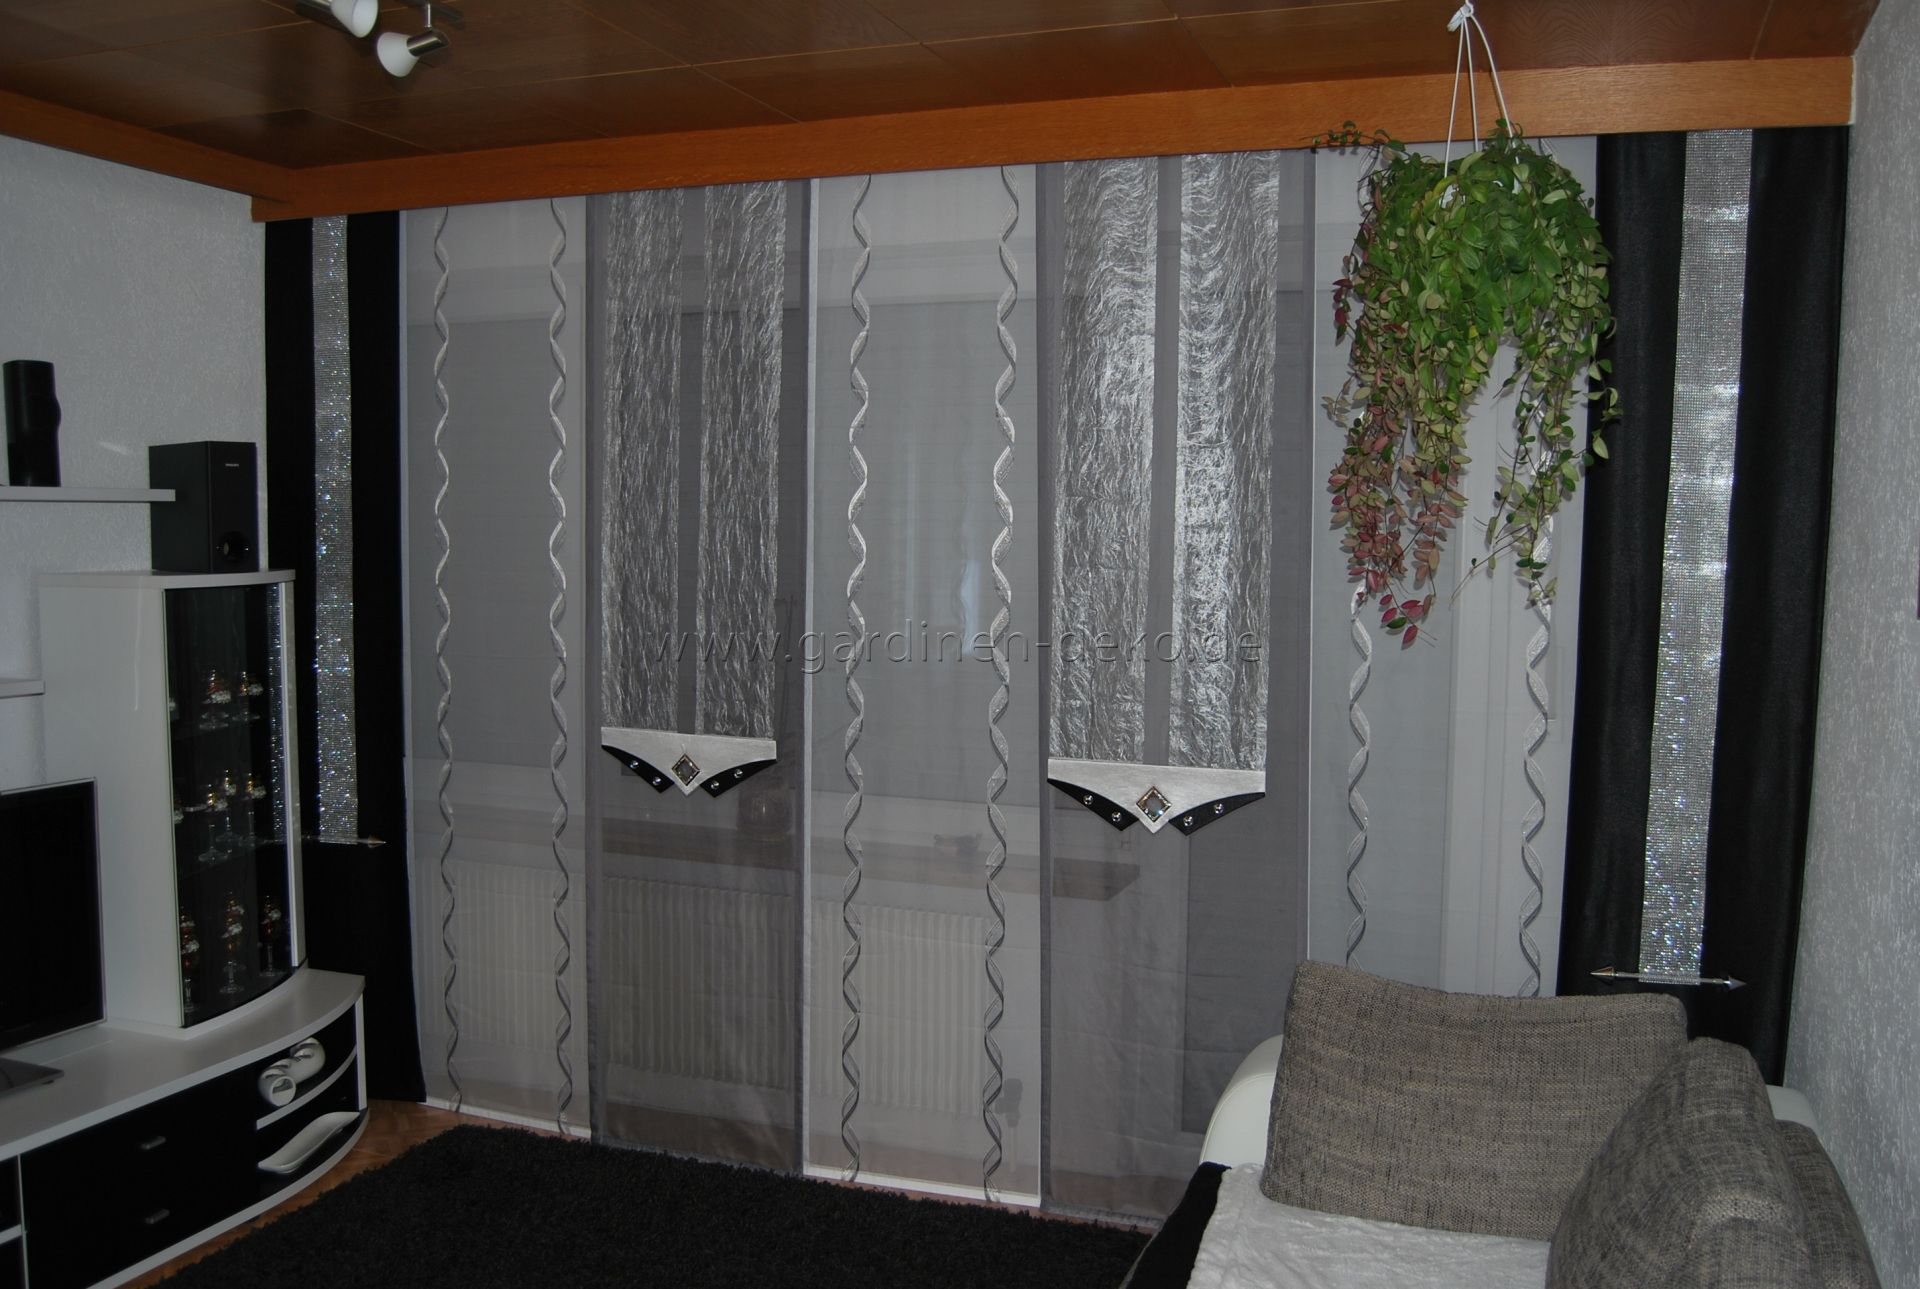 Wohnzimmer Schiebevorhang in wei silber und grau mit dunklen Seitenschals  httpwww